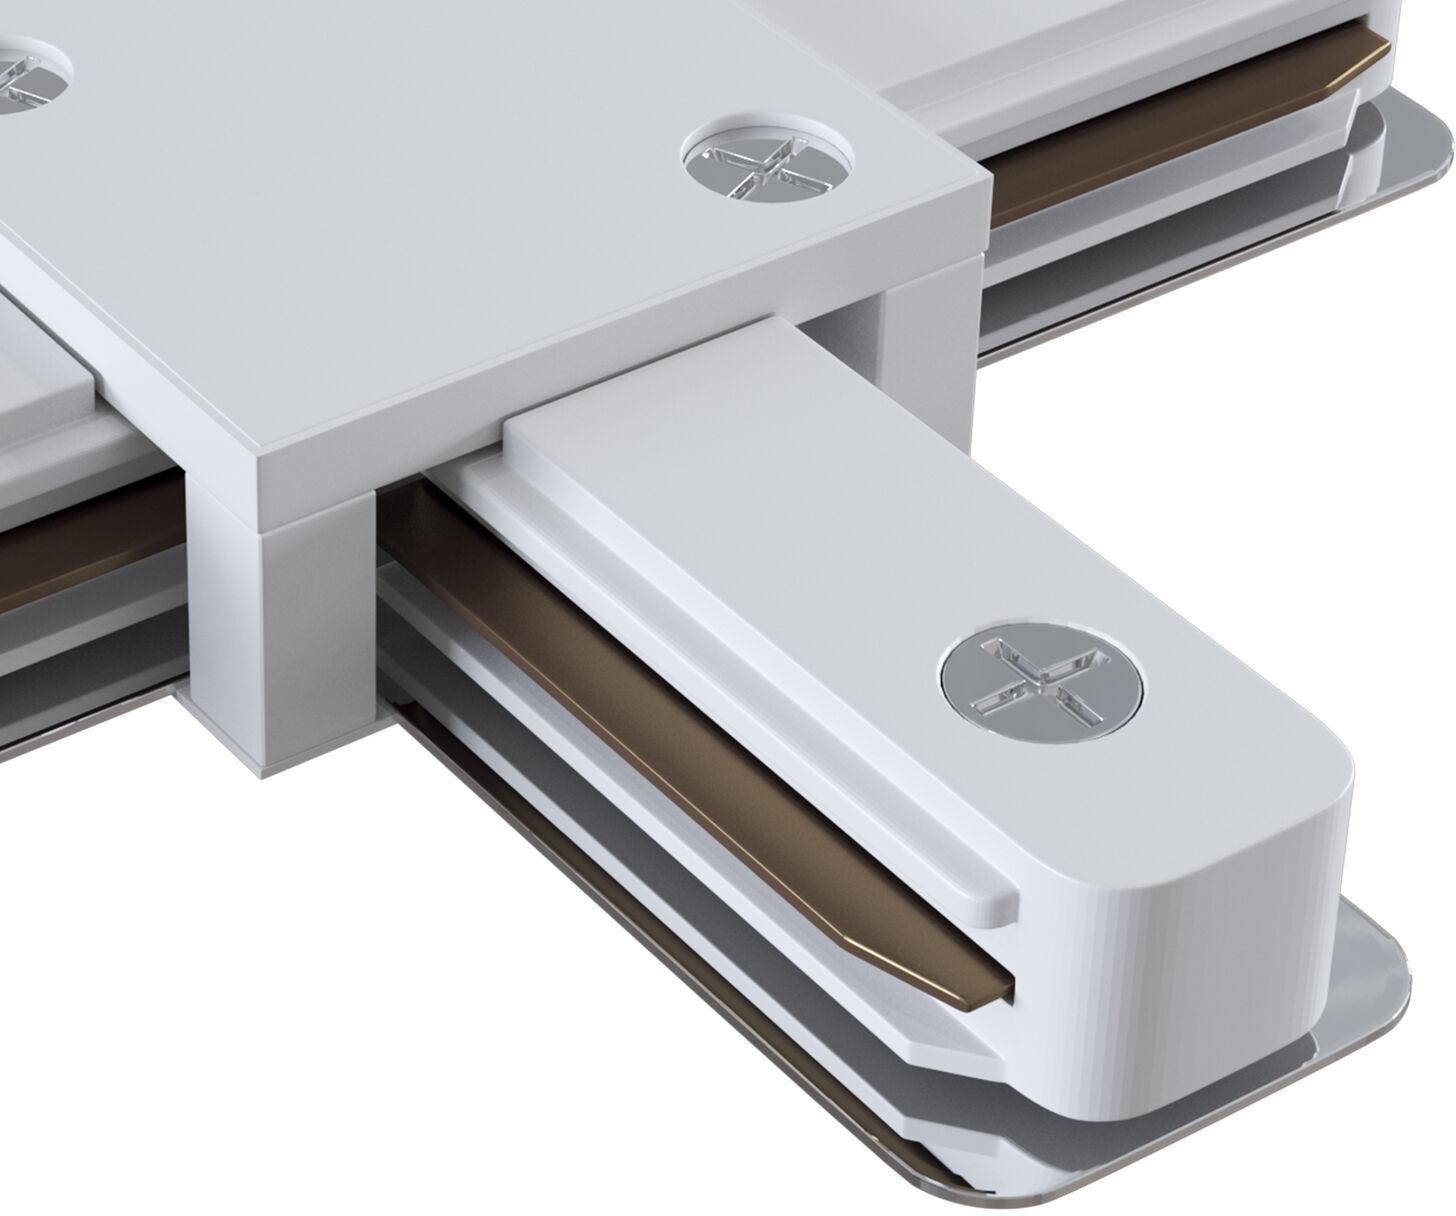 Maytoni Accessories for tracks TRA001CX-11W łącznik X do systemu szynowego biały 11cm